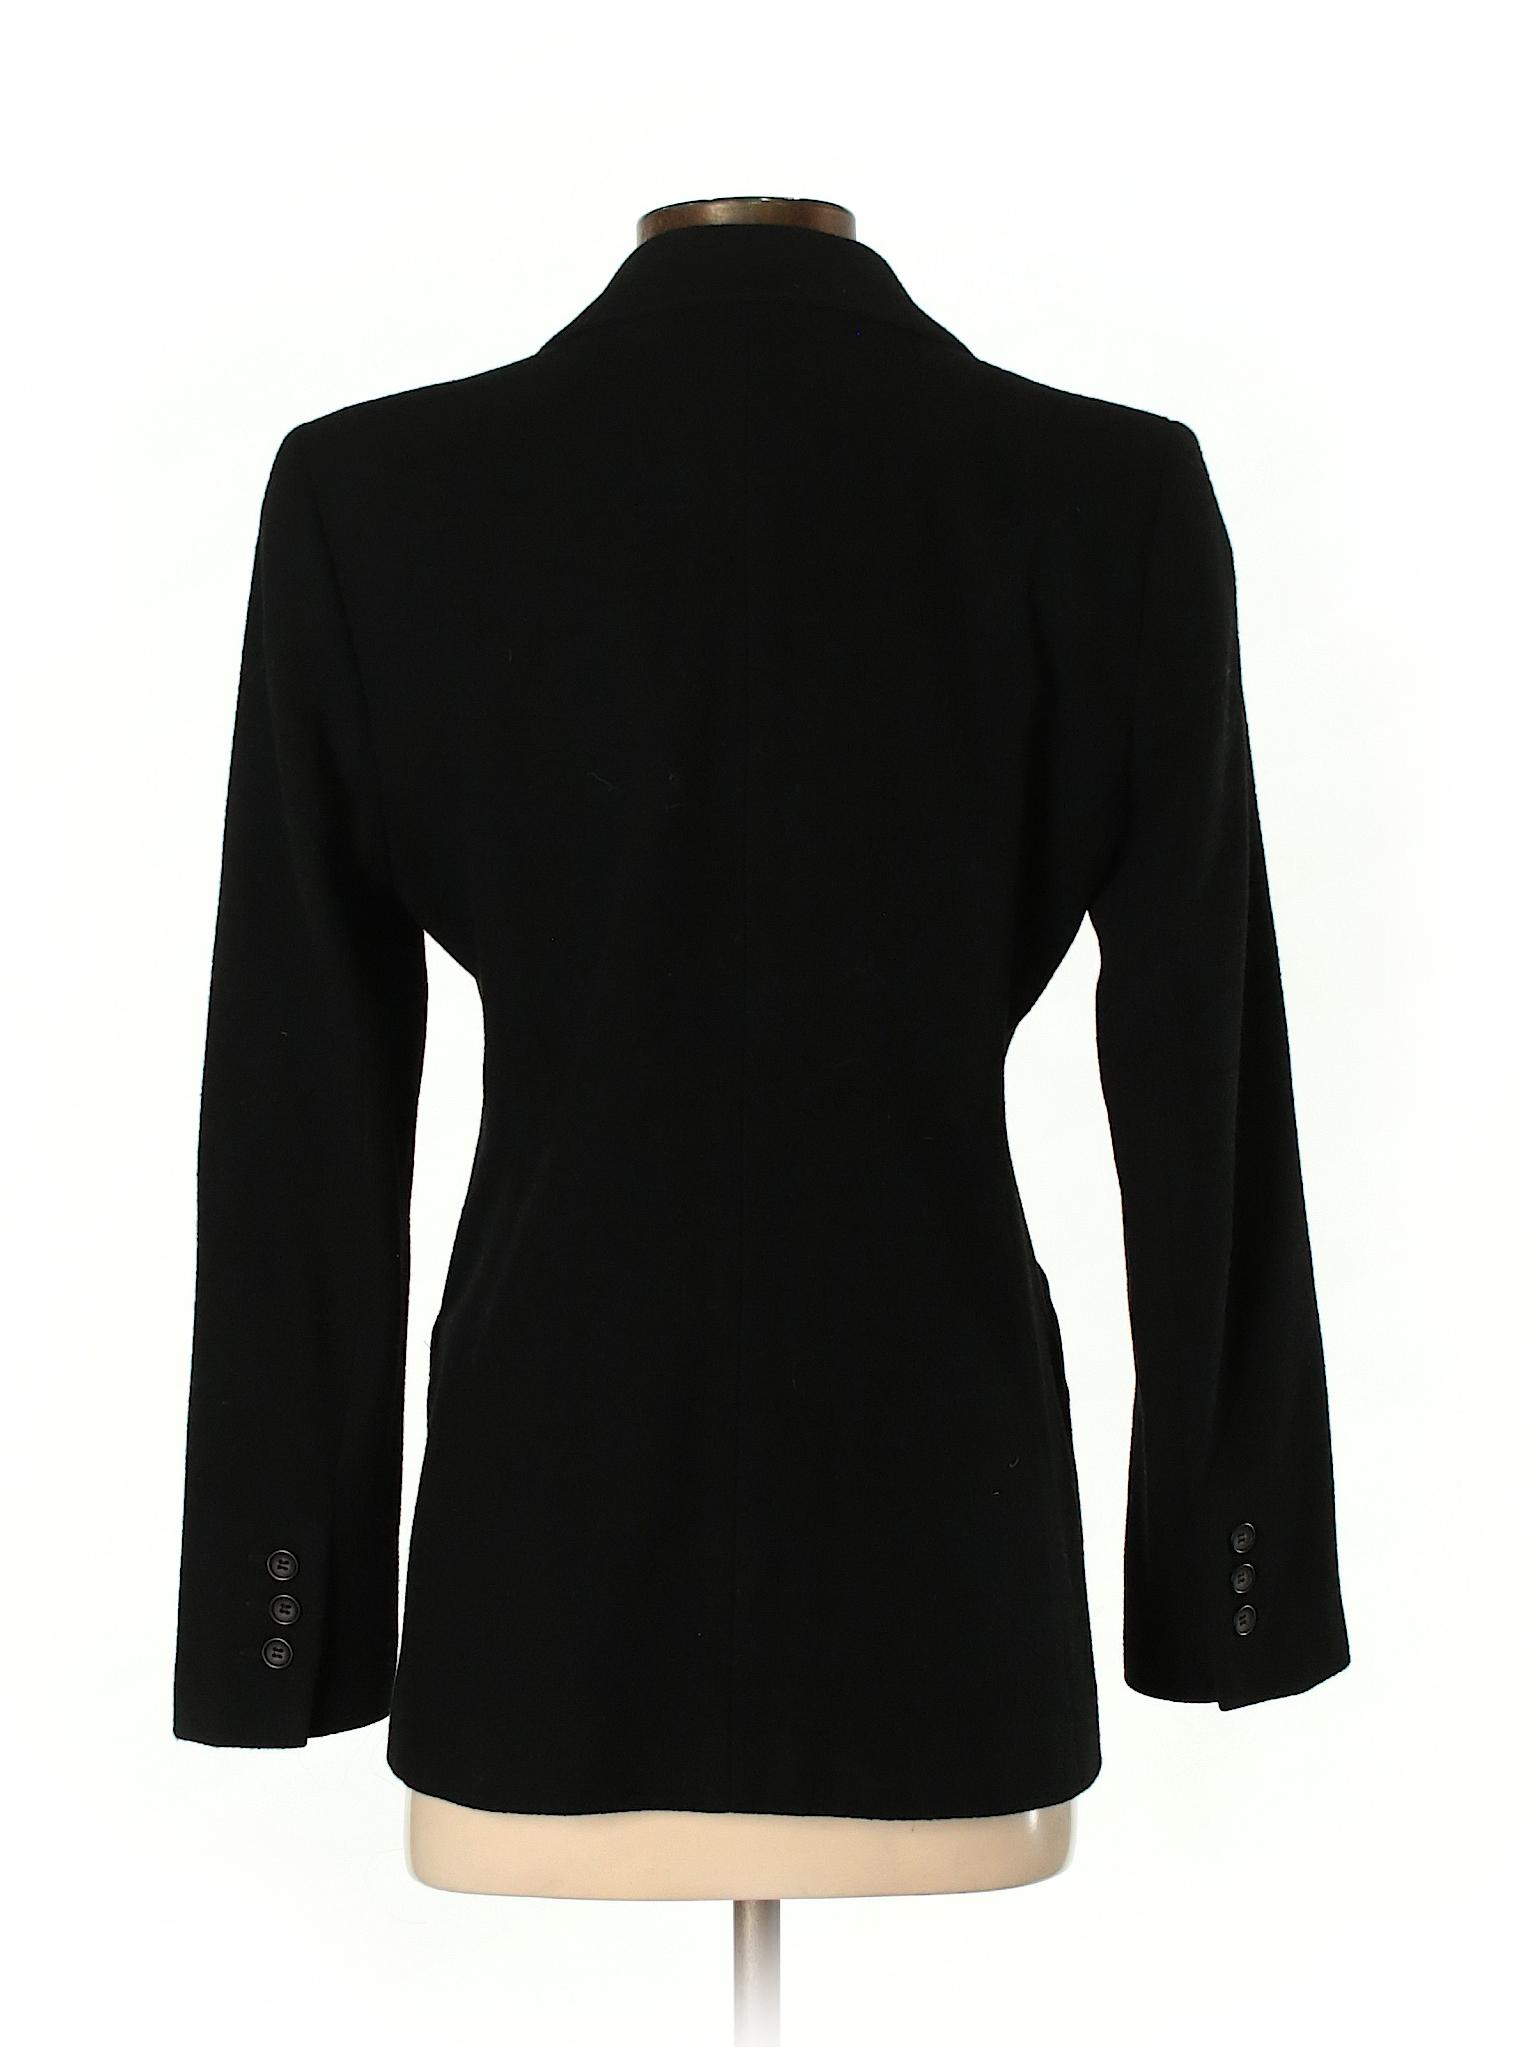 Boutique by leisure Holtzman Blazer Benard Benard Harve Wool nrBq4xr